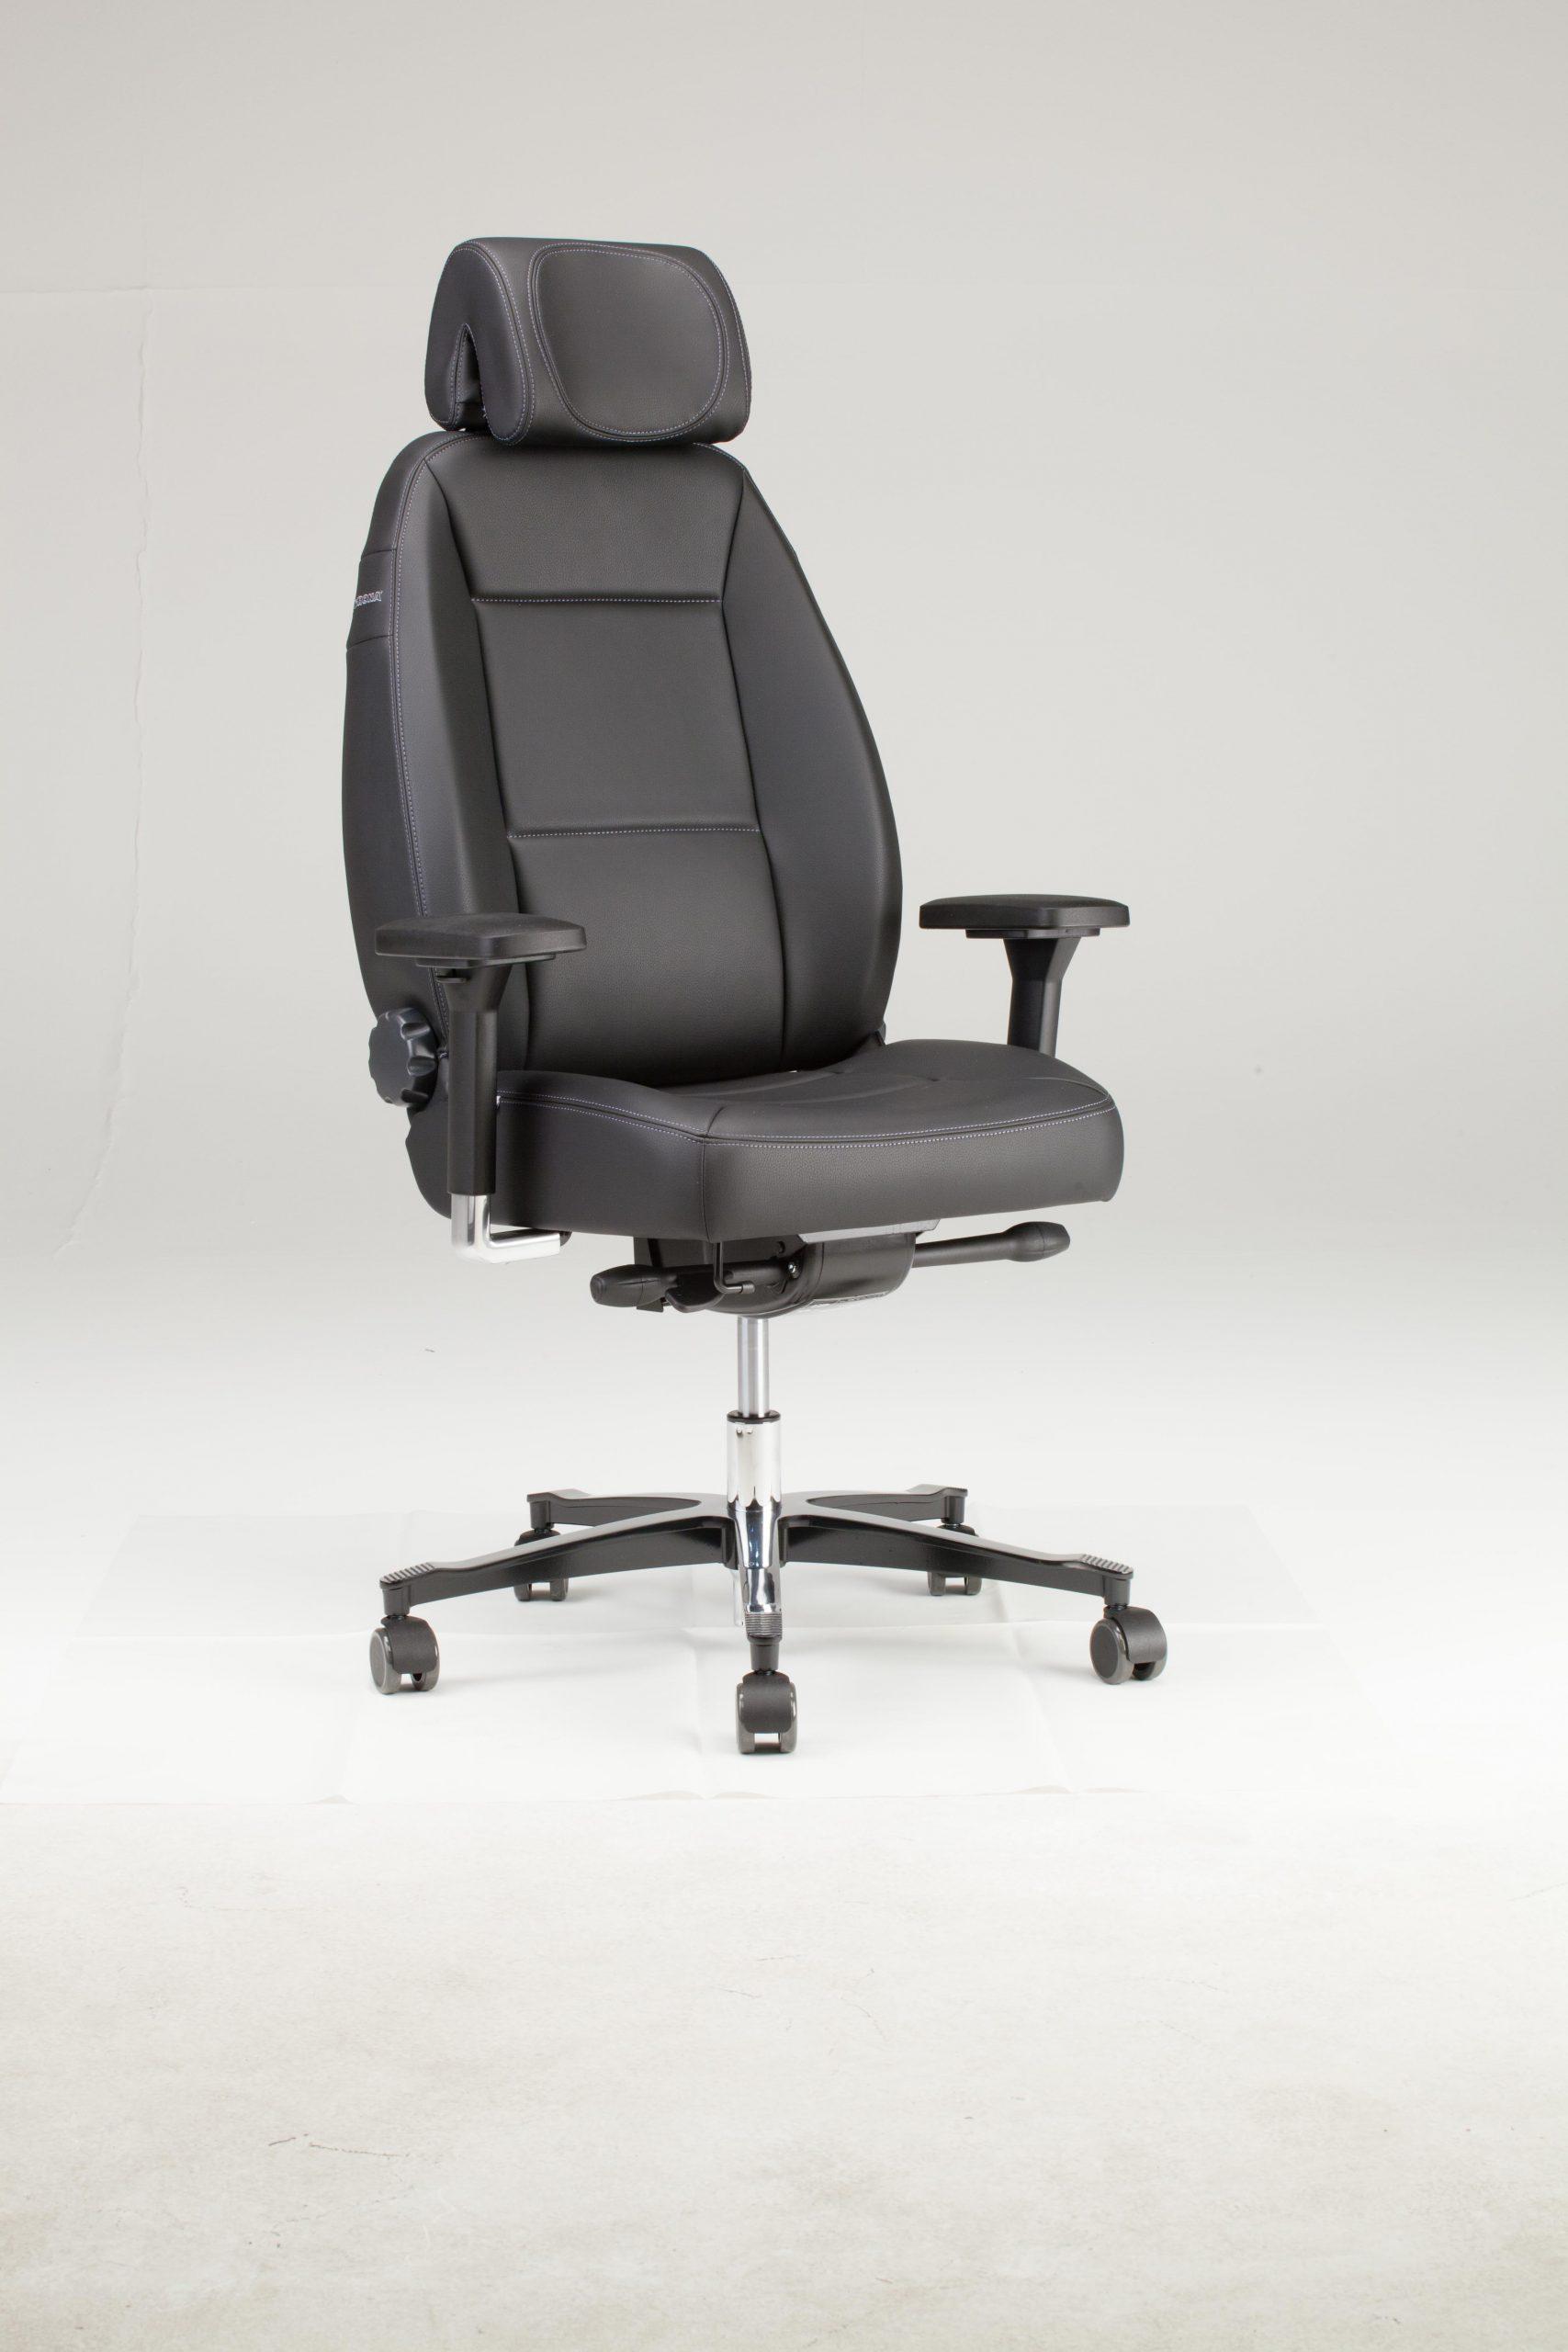 24/7 uur bureaustoel Throna met 3 D hoofdsteun en 4D armleuningen